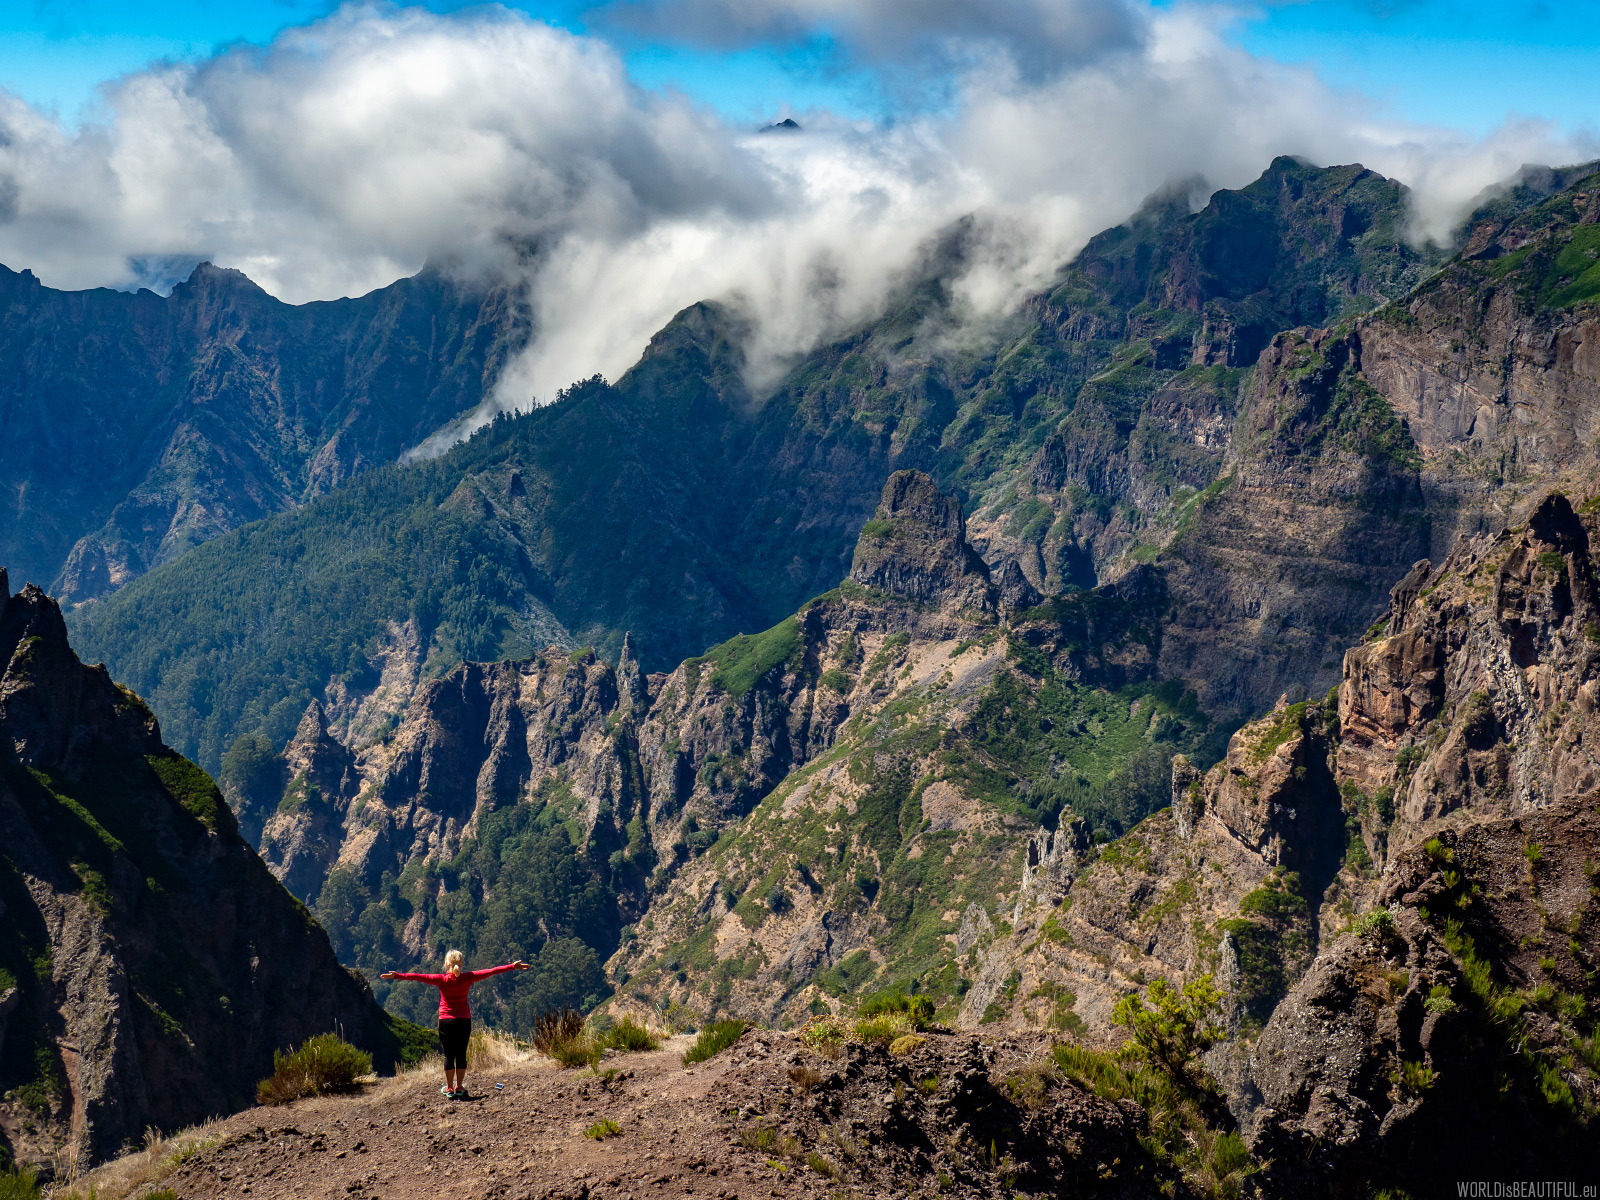 Mountain views of Madeira